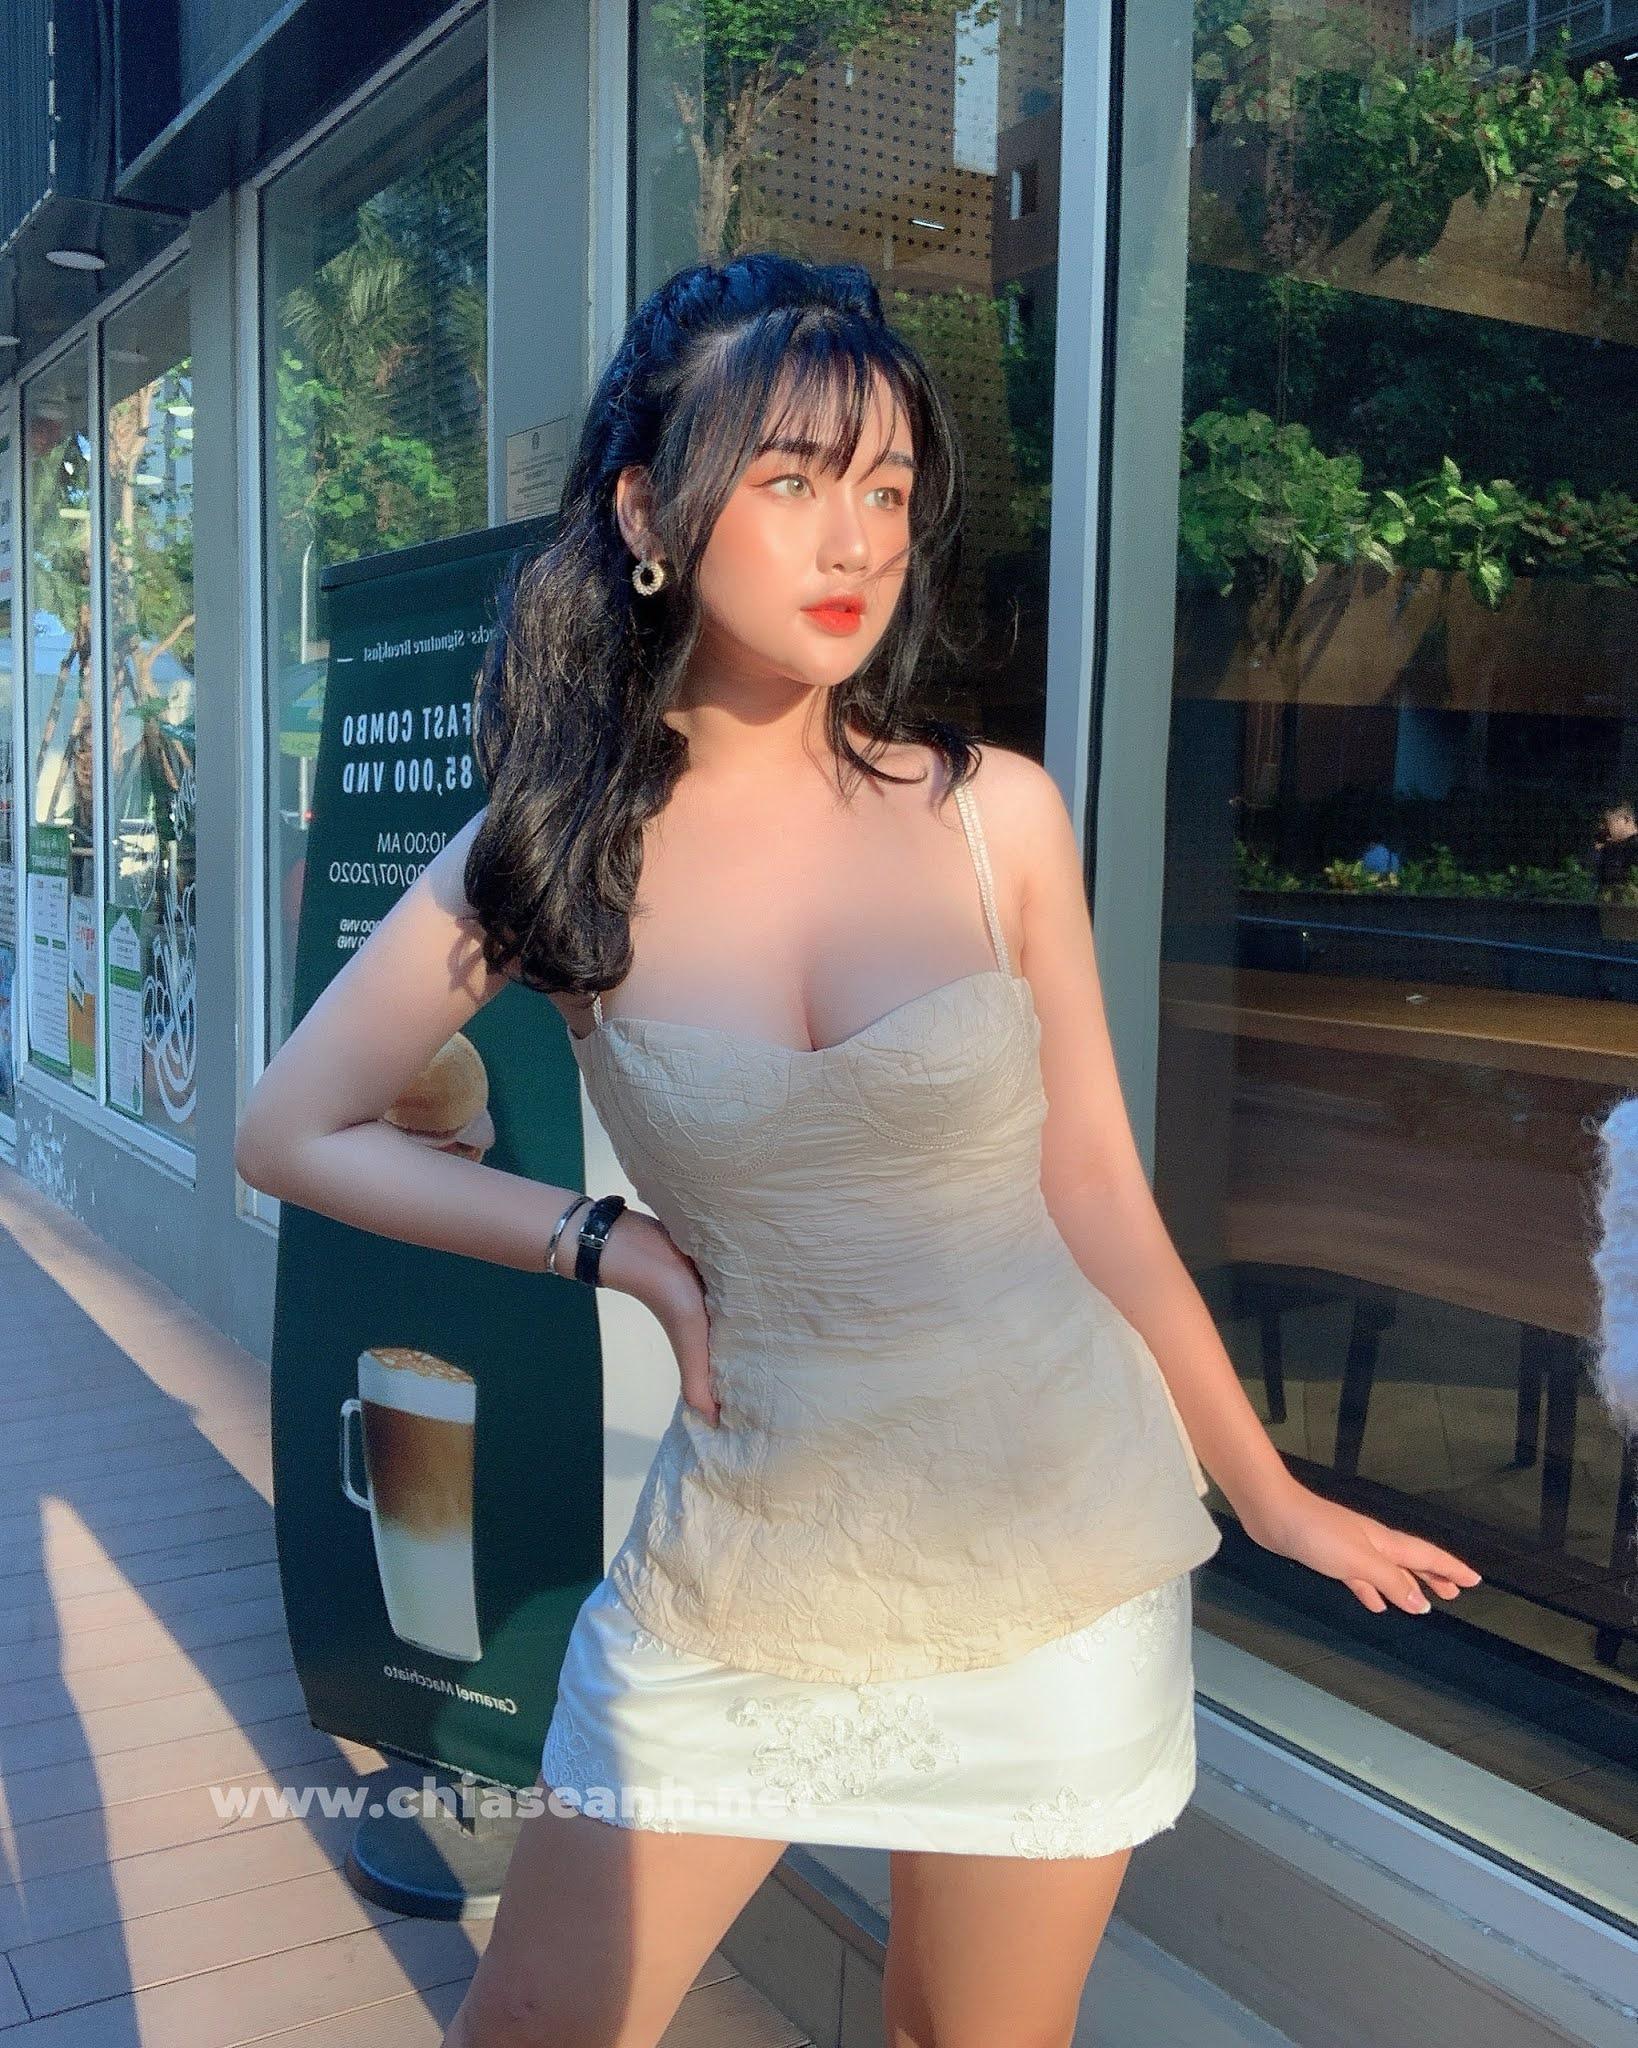 Nữ sinh Hà thành gây thương nhớ bởi vẻ đẹp tựa búp bê lứa tuổi trăng tròn